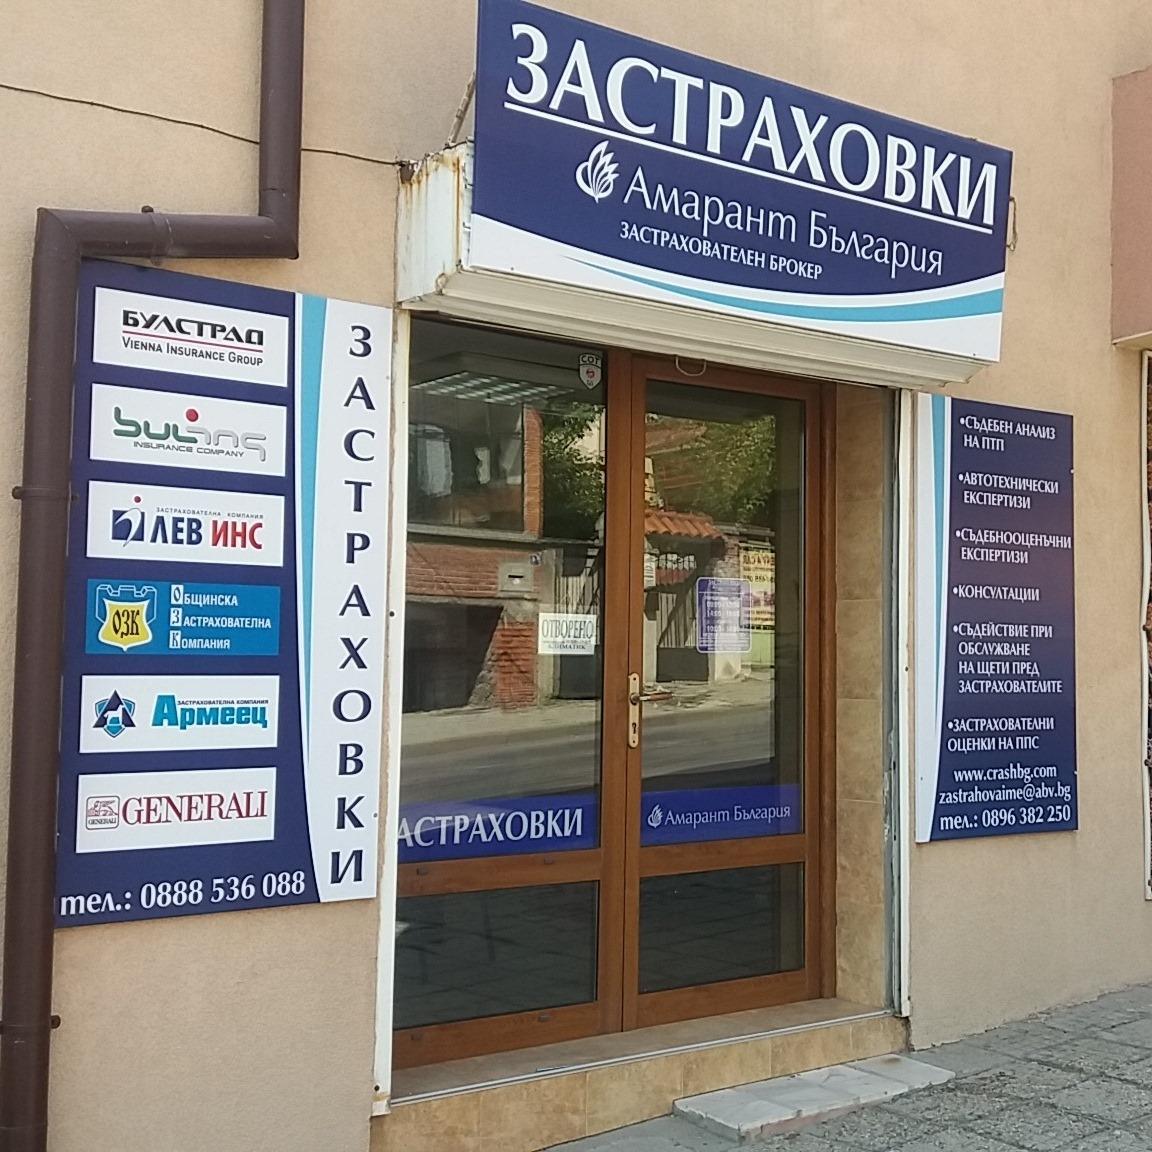 Мого България ООД - застрахователното обслужване на Вашия лизинг ще бъде осъществявано от застрахователен брокер Амарант България